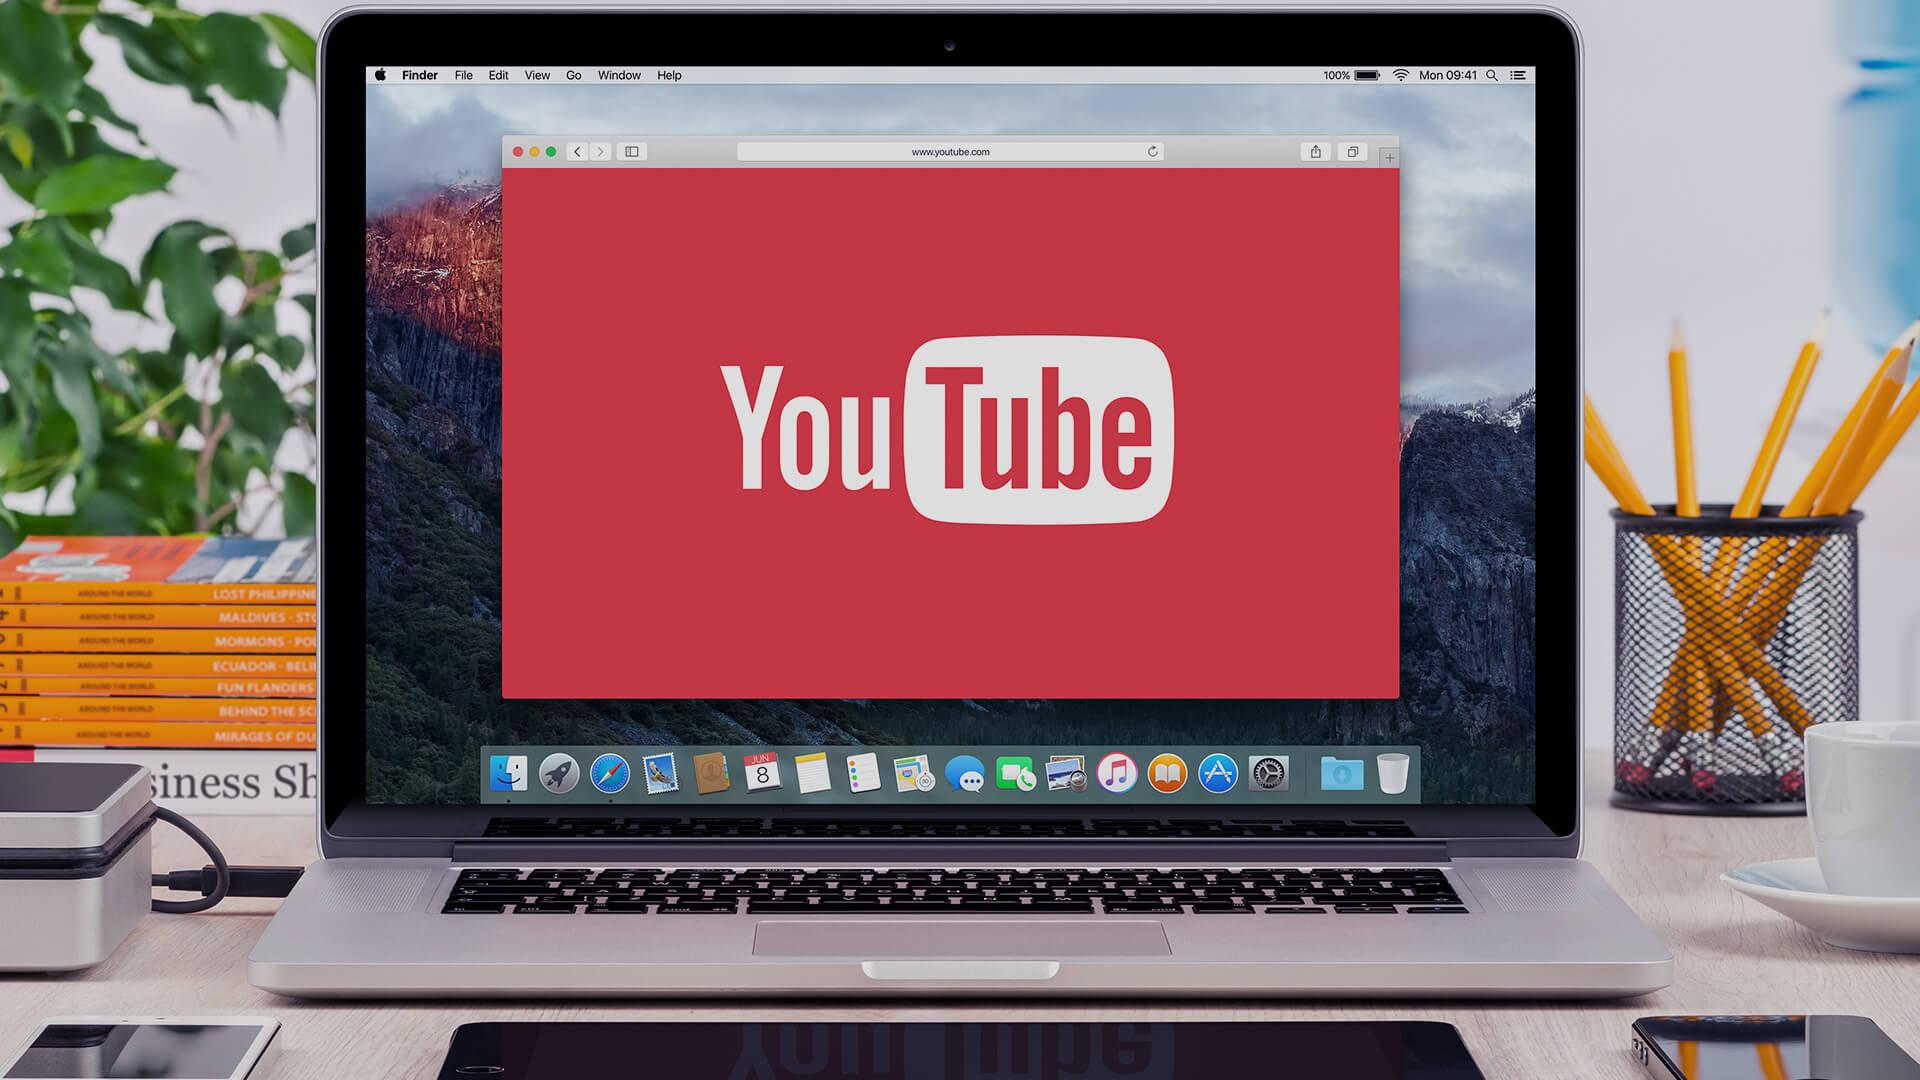 youtube-laptop-ss-1920.jpg